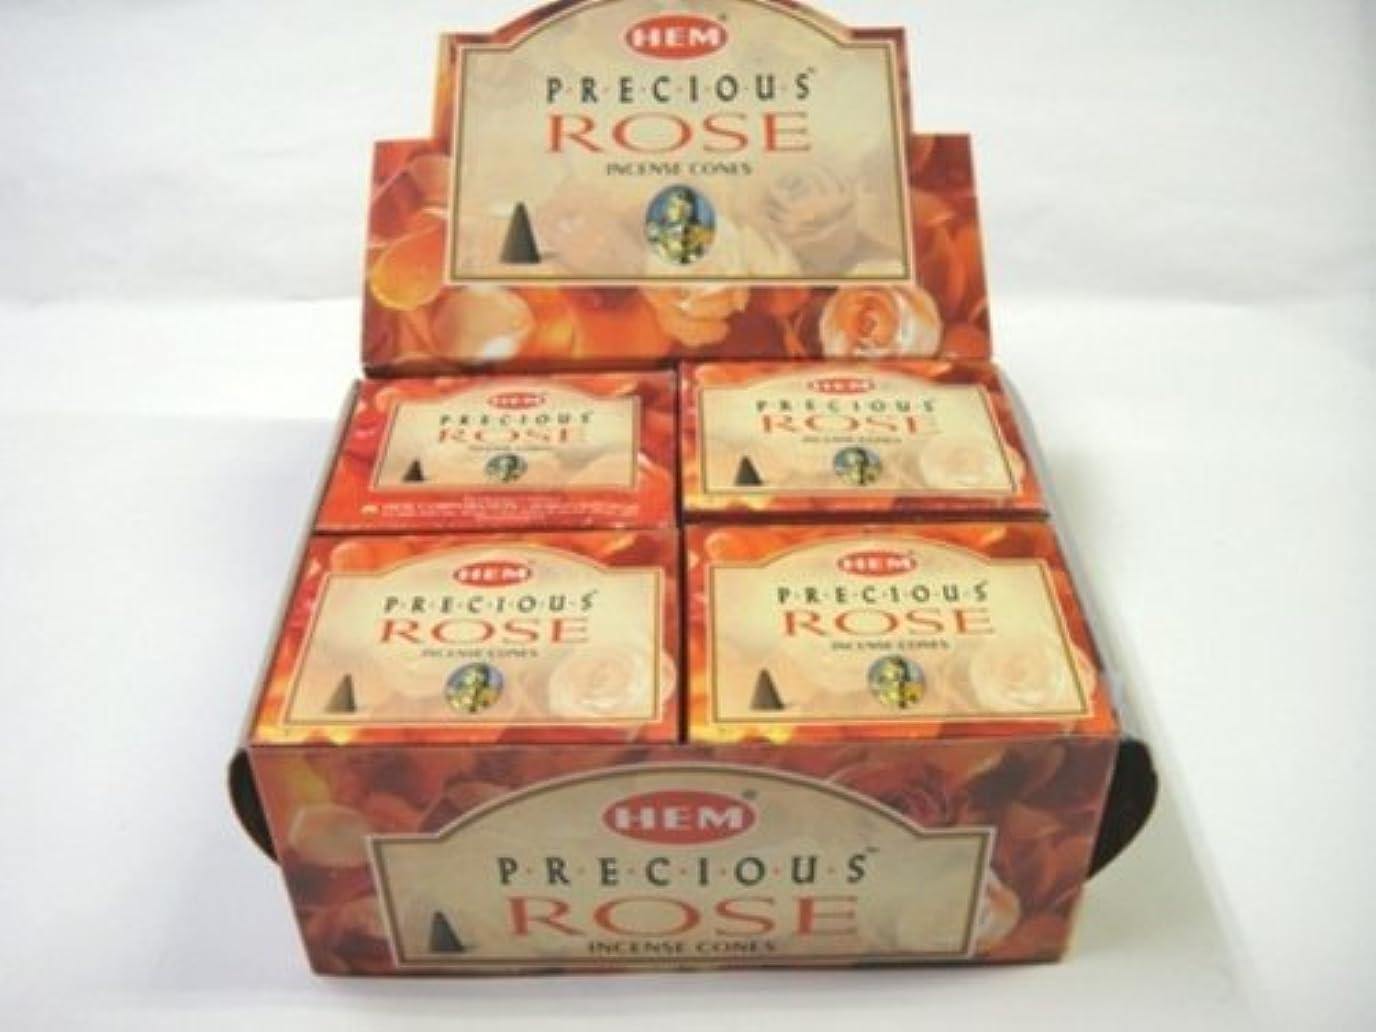 切る期待するオフセットHEM お香 プレシャスローズ コーンタイプ 1ケース(12箱入り) お香薔薇